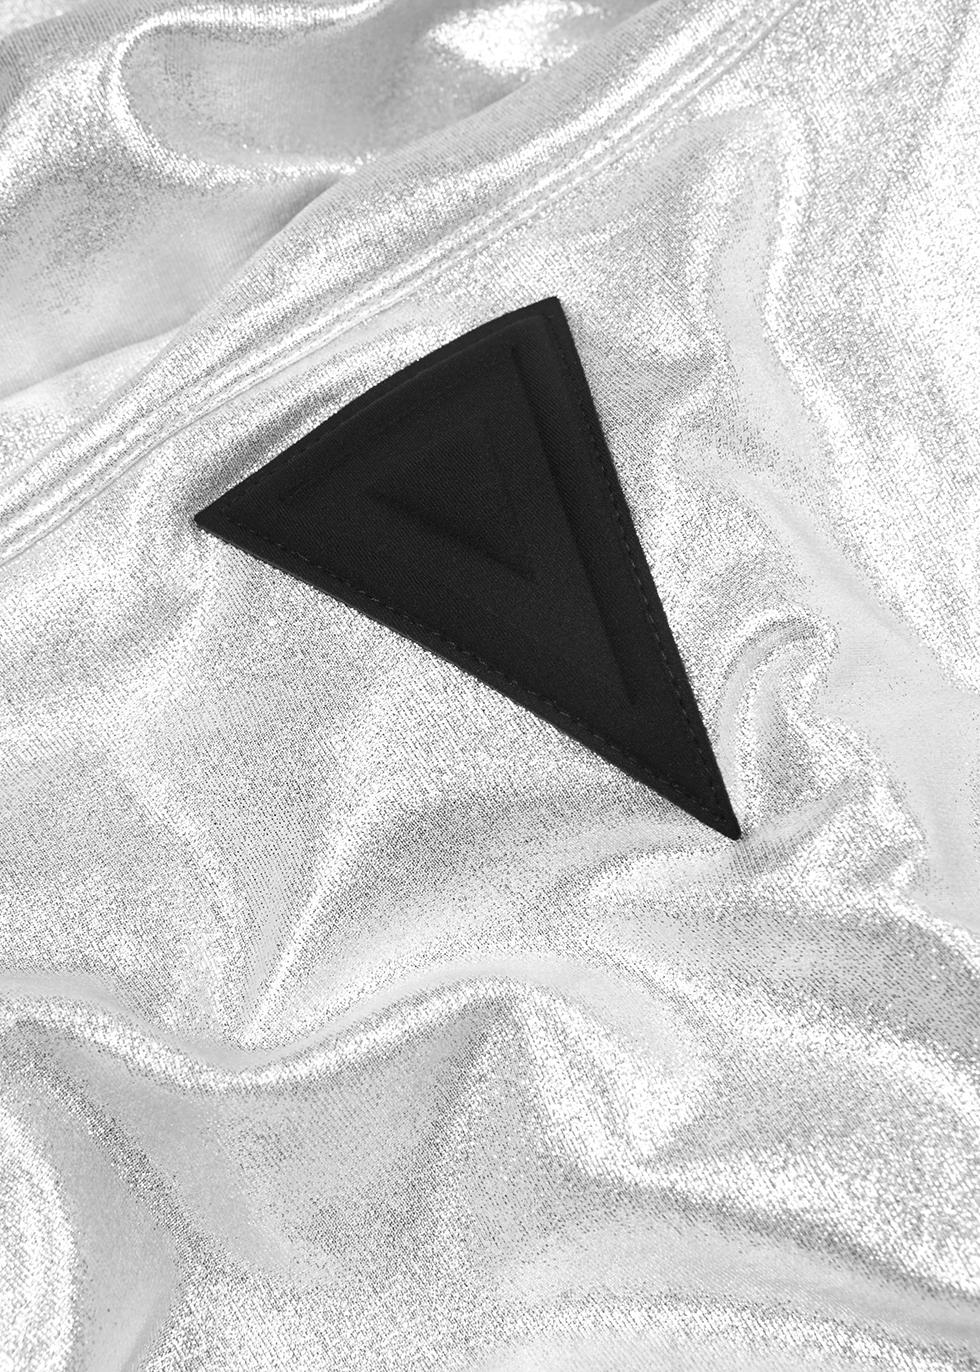 Wahi metallic silver sweatshirt - No Ka 'Oi